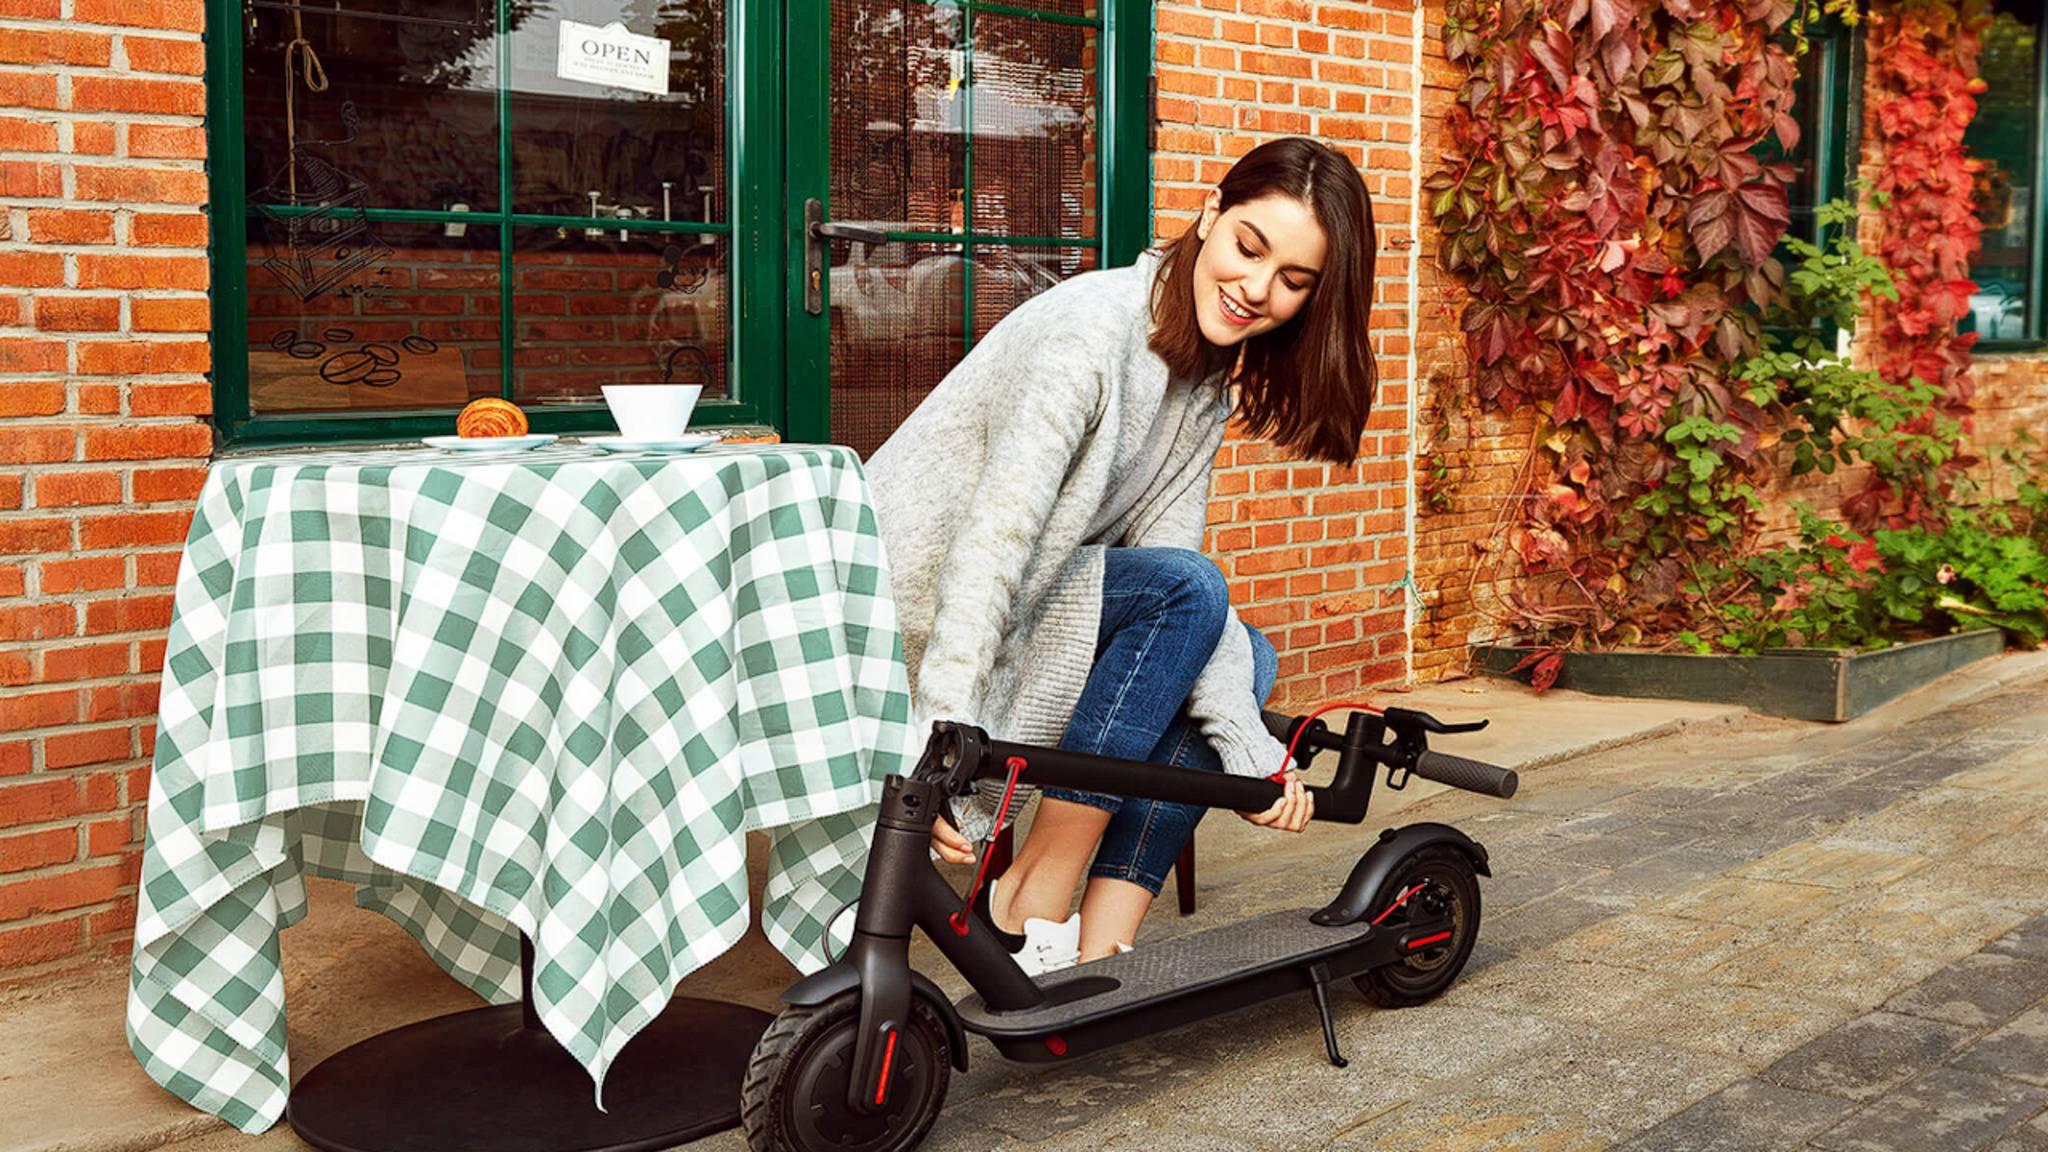 xiaomi-mi-scooter-frau-cafe